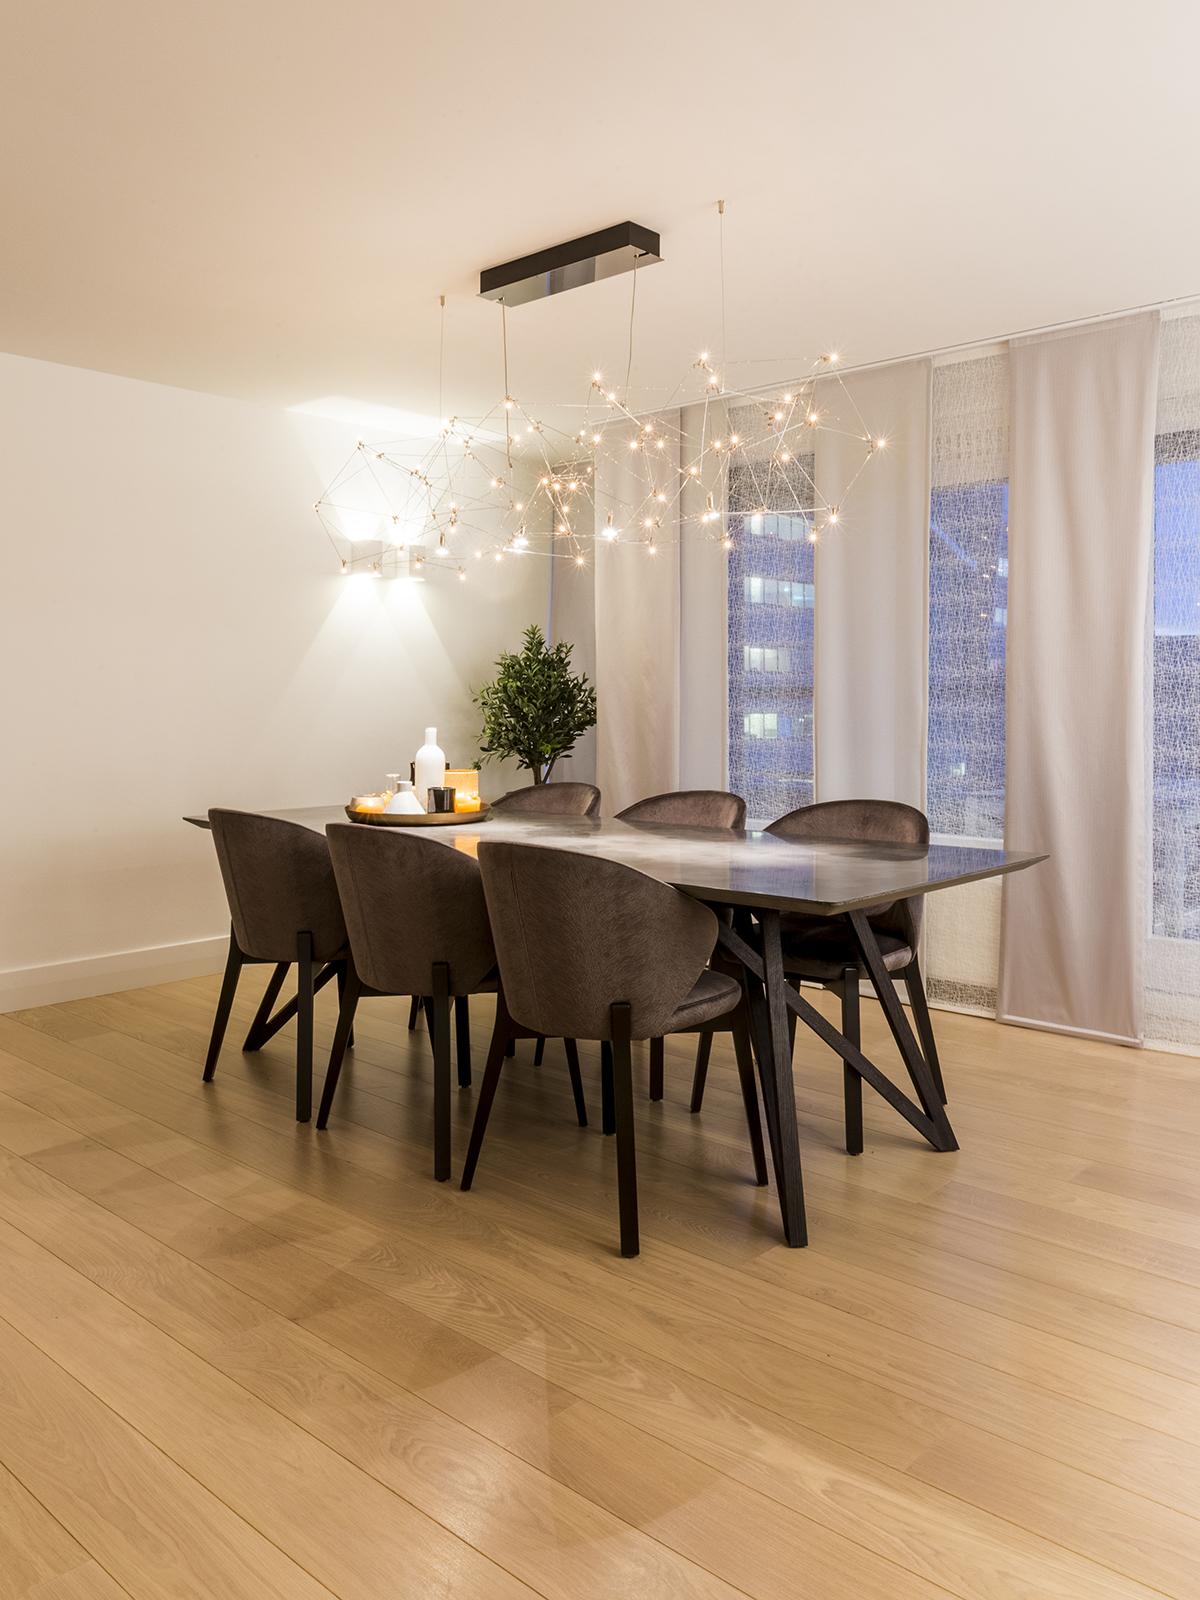 Hemels Wonen, living, interieur, eettafel